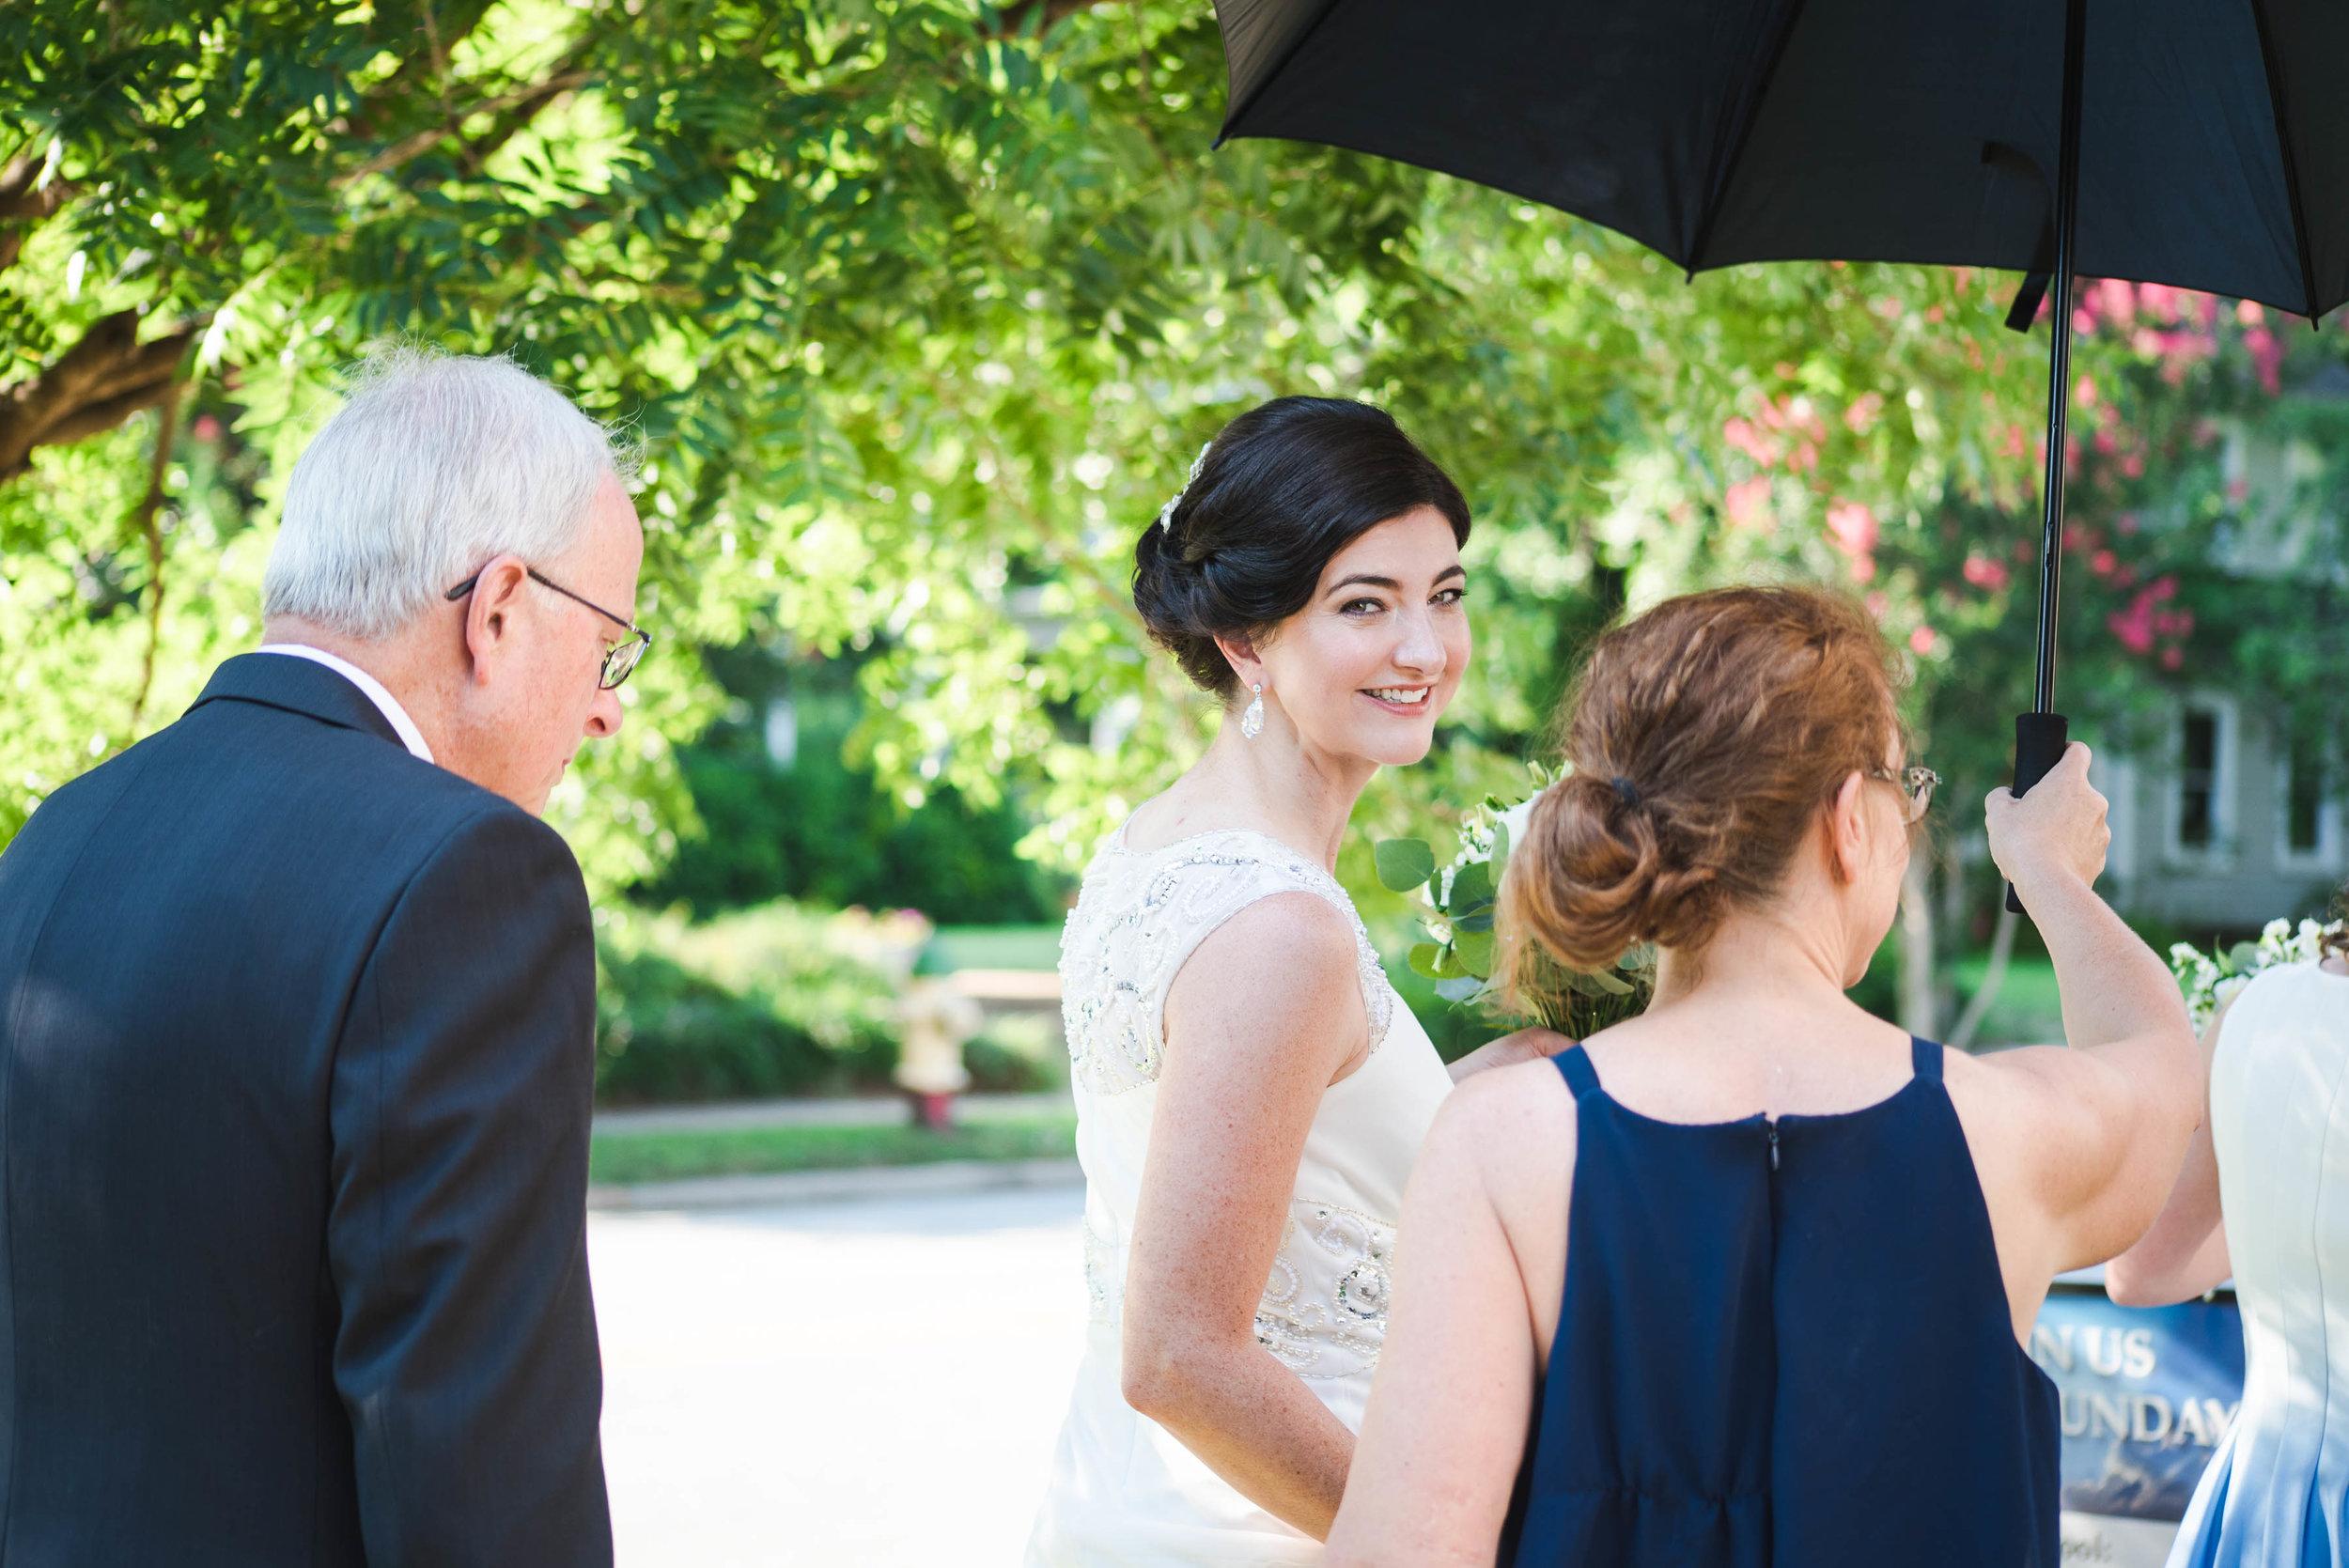 Hilbert Wedding 20160806-078.JPG